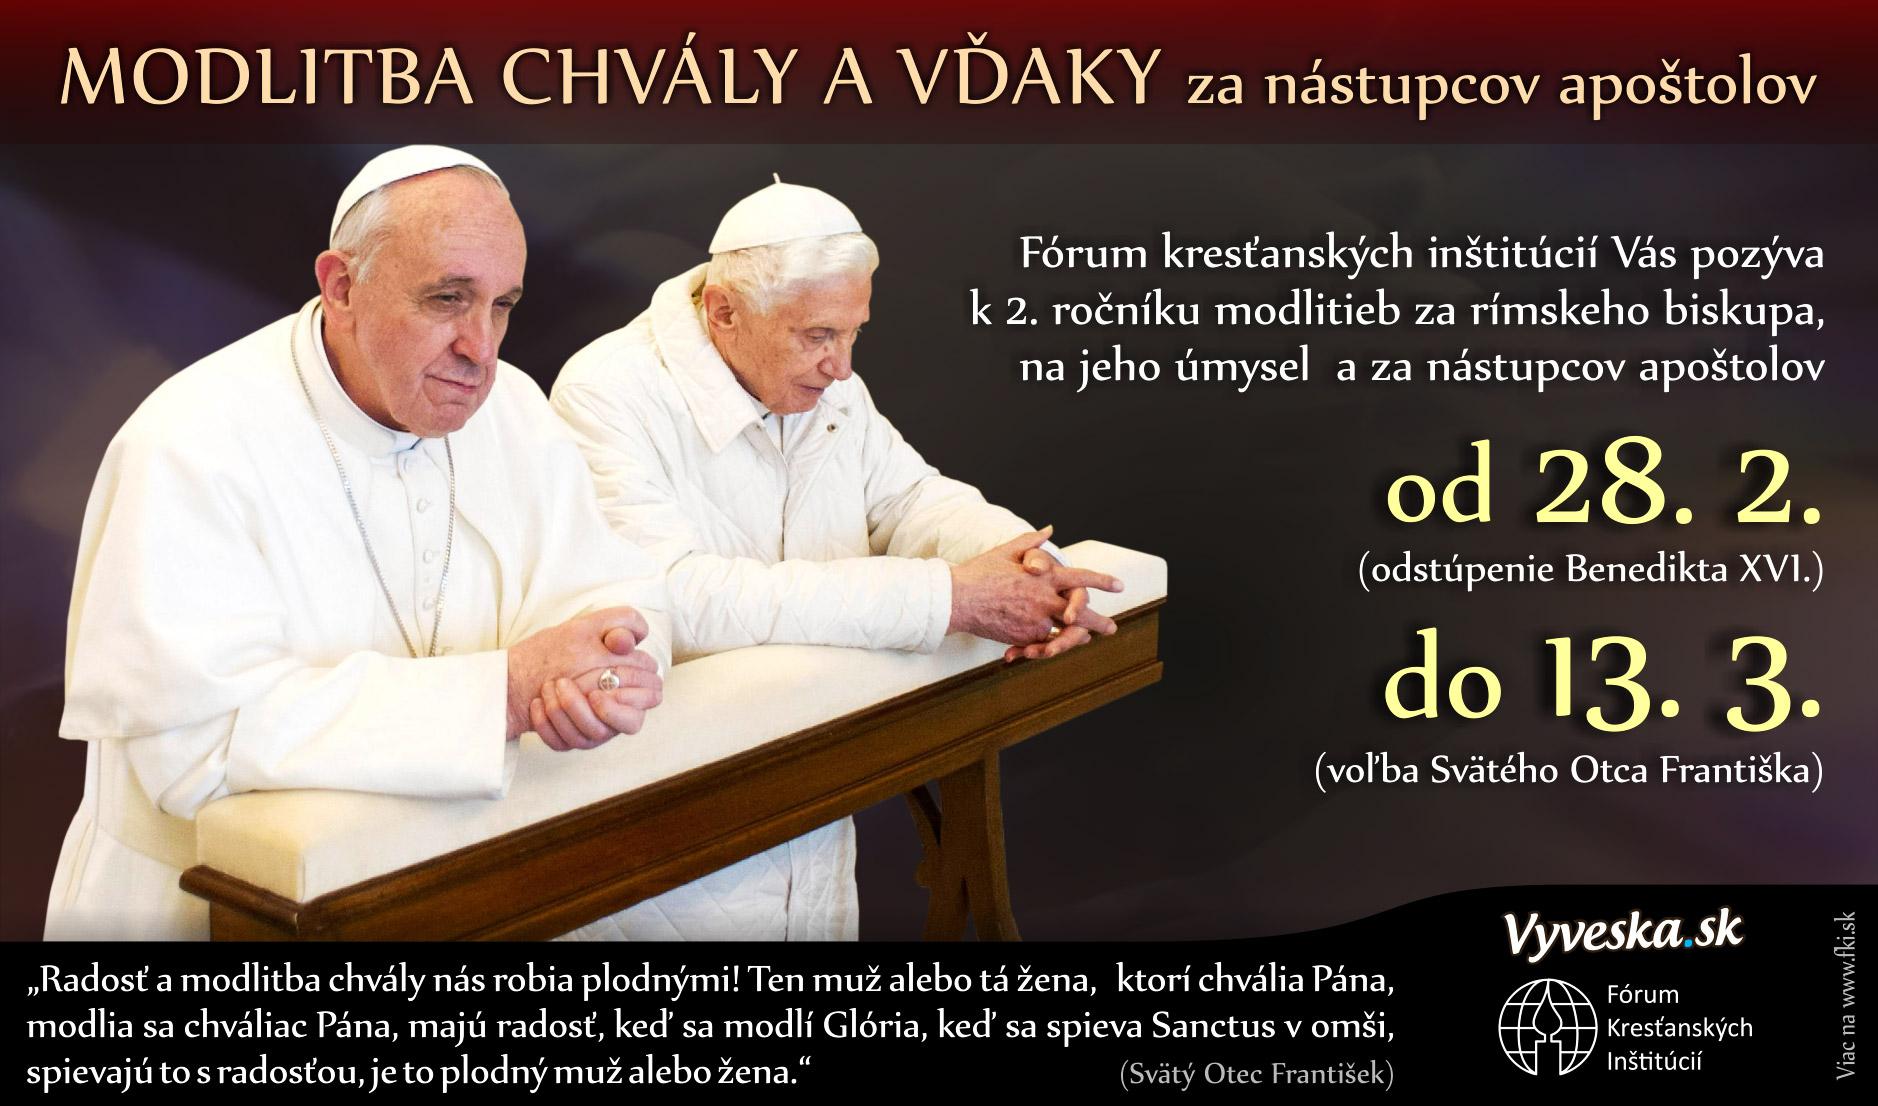 Modlitba chváli a vďaky za nástupcov apoštolov